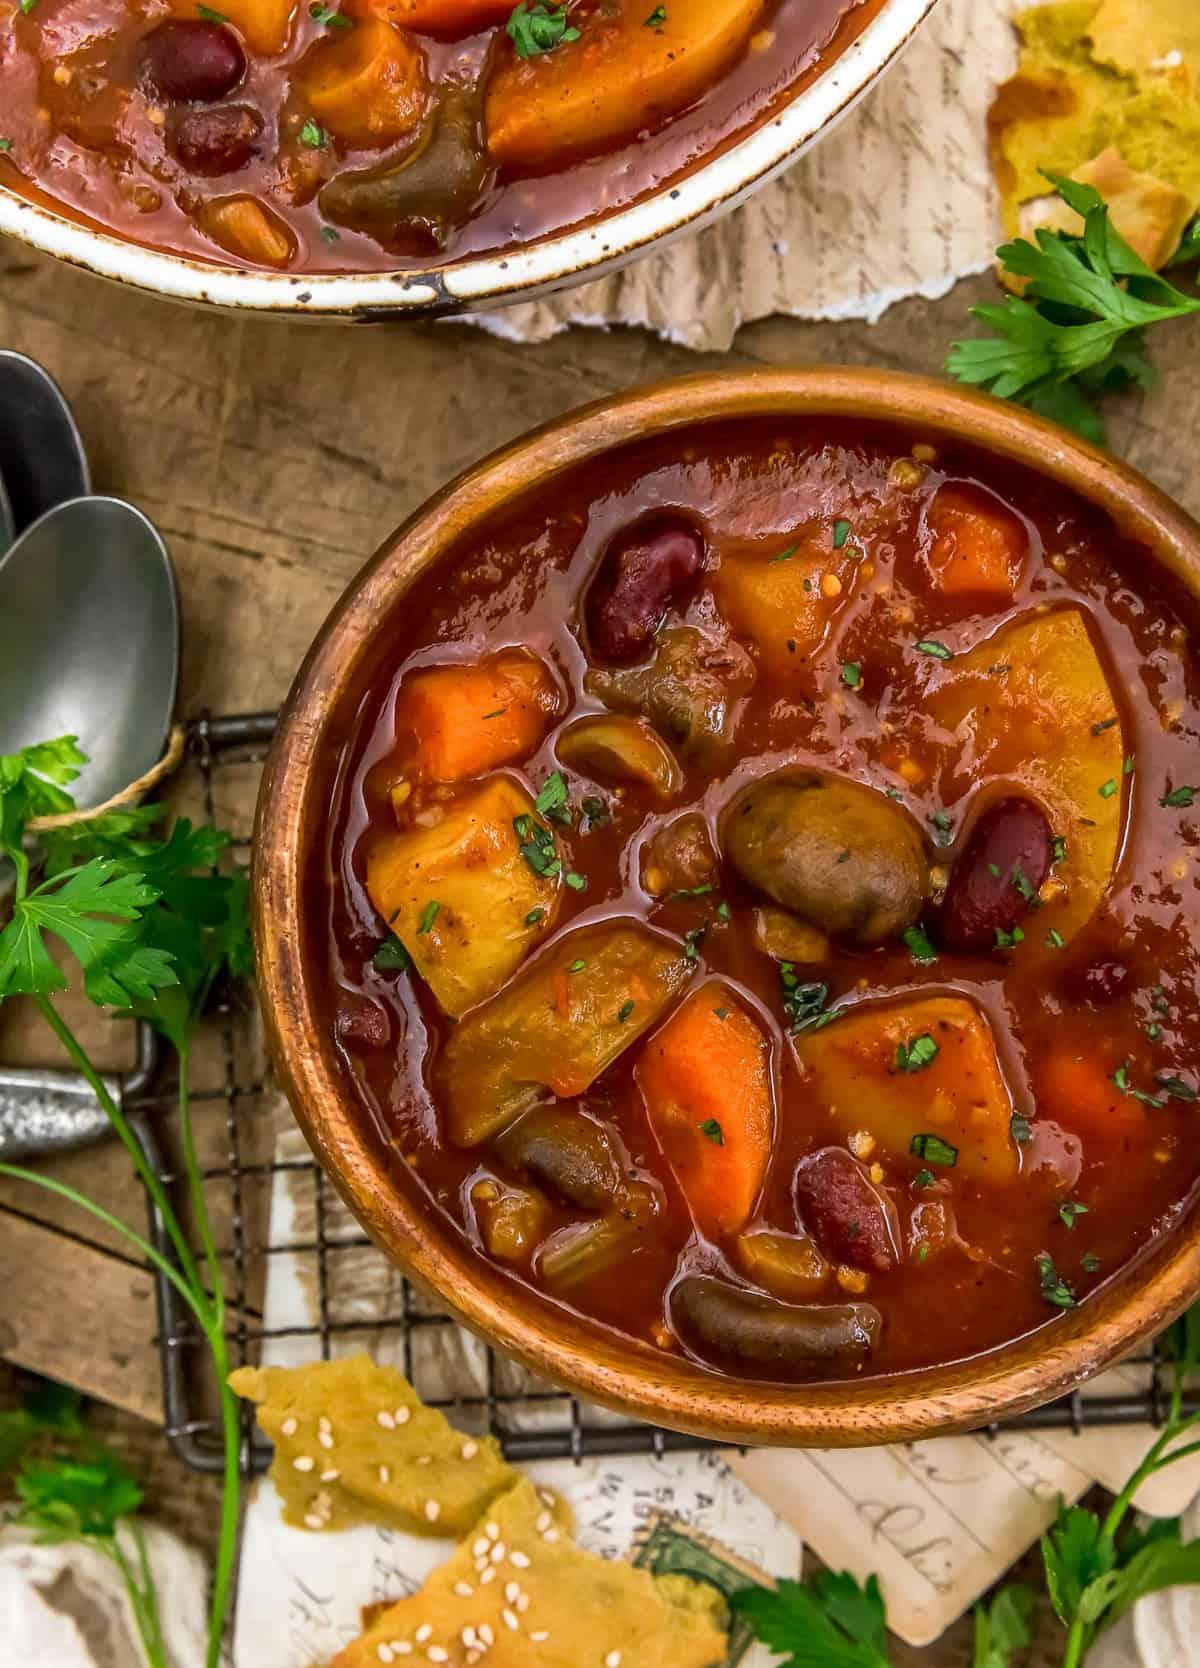 Bowl of Rustic Braised Vegetable Stew